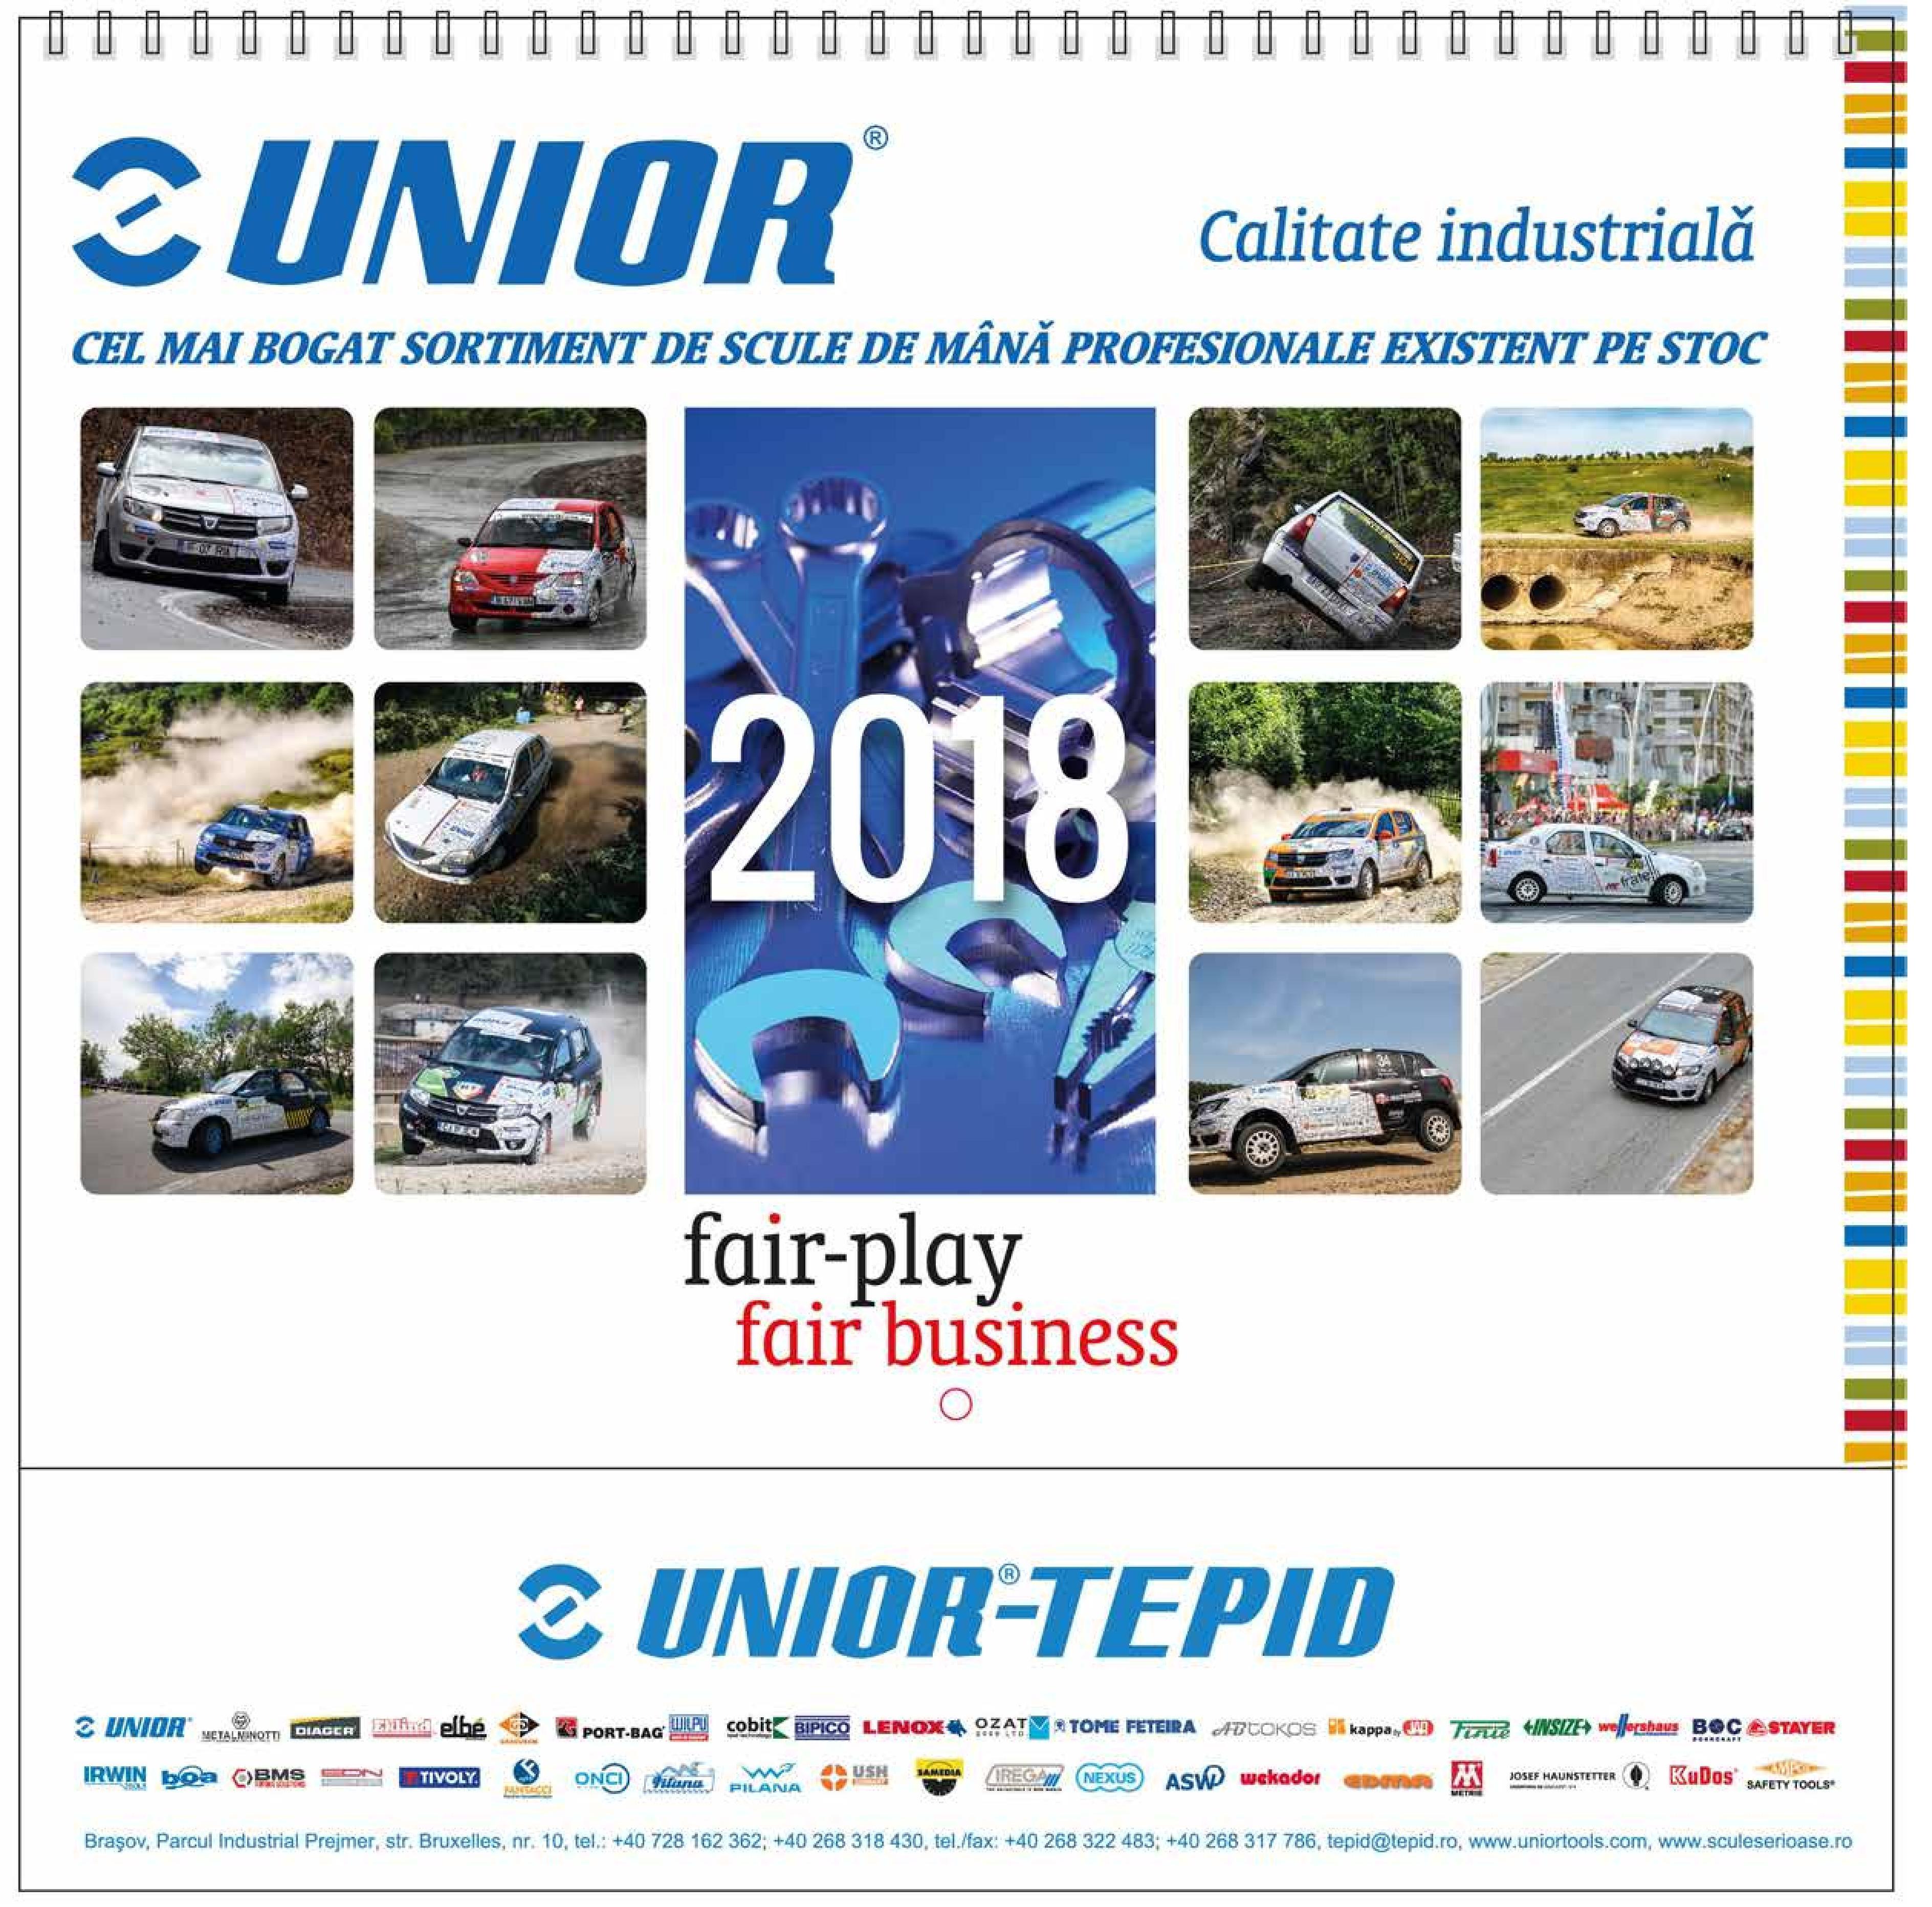 Calendare Unior 2018 Fair Play-Fair Business